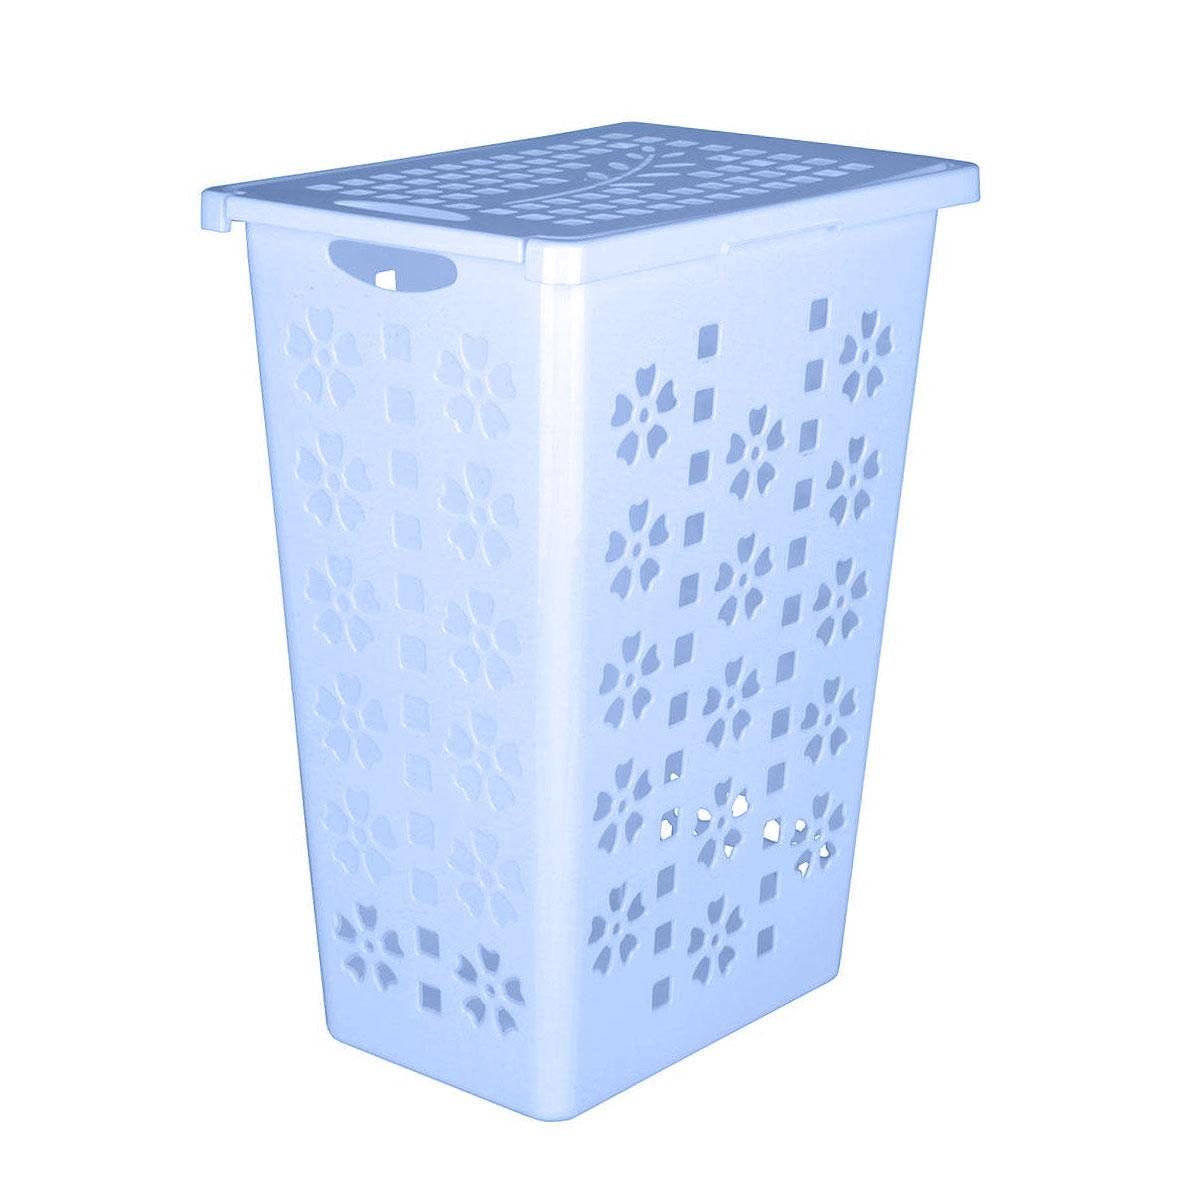 Корзина для белья Альтернатива Виолетта, цвет: голубой, 30 лPARADIS I 75013-1W ANTIQUEЛегкая и удобная корзина Альтернатива Виолетта прямоугольной формы, изготовлена из пластика. Она отлично подойдет для хранения белья перед стиркой. Корзина, декорированная небольшими отверстиями в форме цветов и квадратиков, скрывает содержимое корзины от посторонних. Отверстия создают идеальные условия для проветривания. Изделие оснащено крышкой и отверстием для переноски корзины. Такая корзина для белья прекрасно впишется в интерьер ванной комнаты. Объем: 30 л. Размер корзины: 36,5 см х 25 см х 48 см.